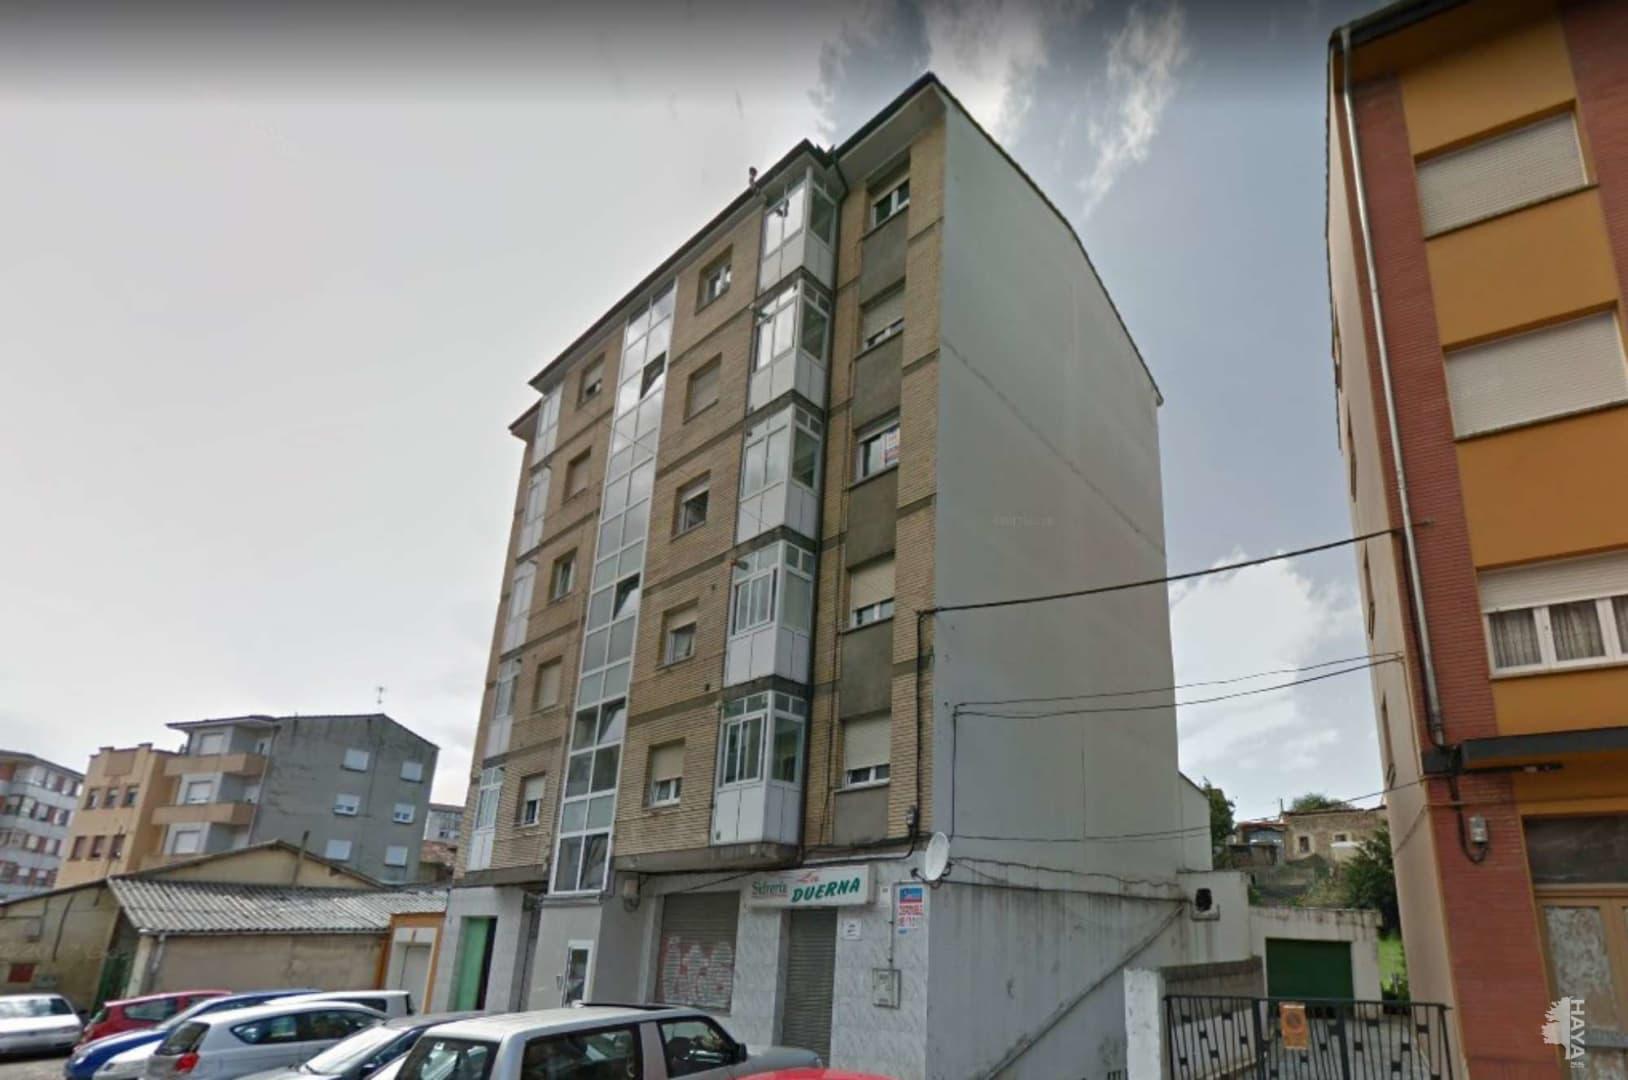 Piso en venta en Siero, Asturias, Avenida Gijon, 75.002 €, 3 habitaciones, 1 baño, 82 m2